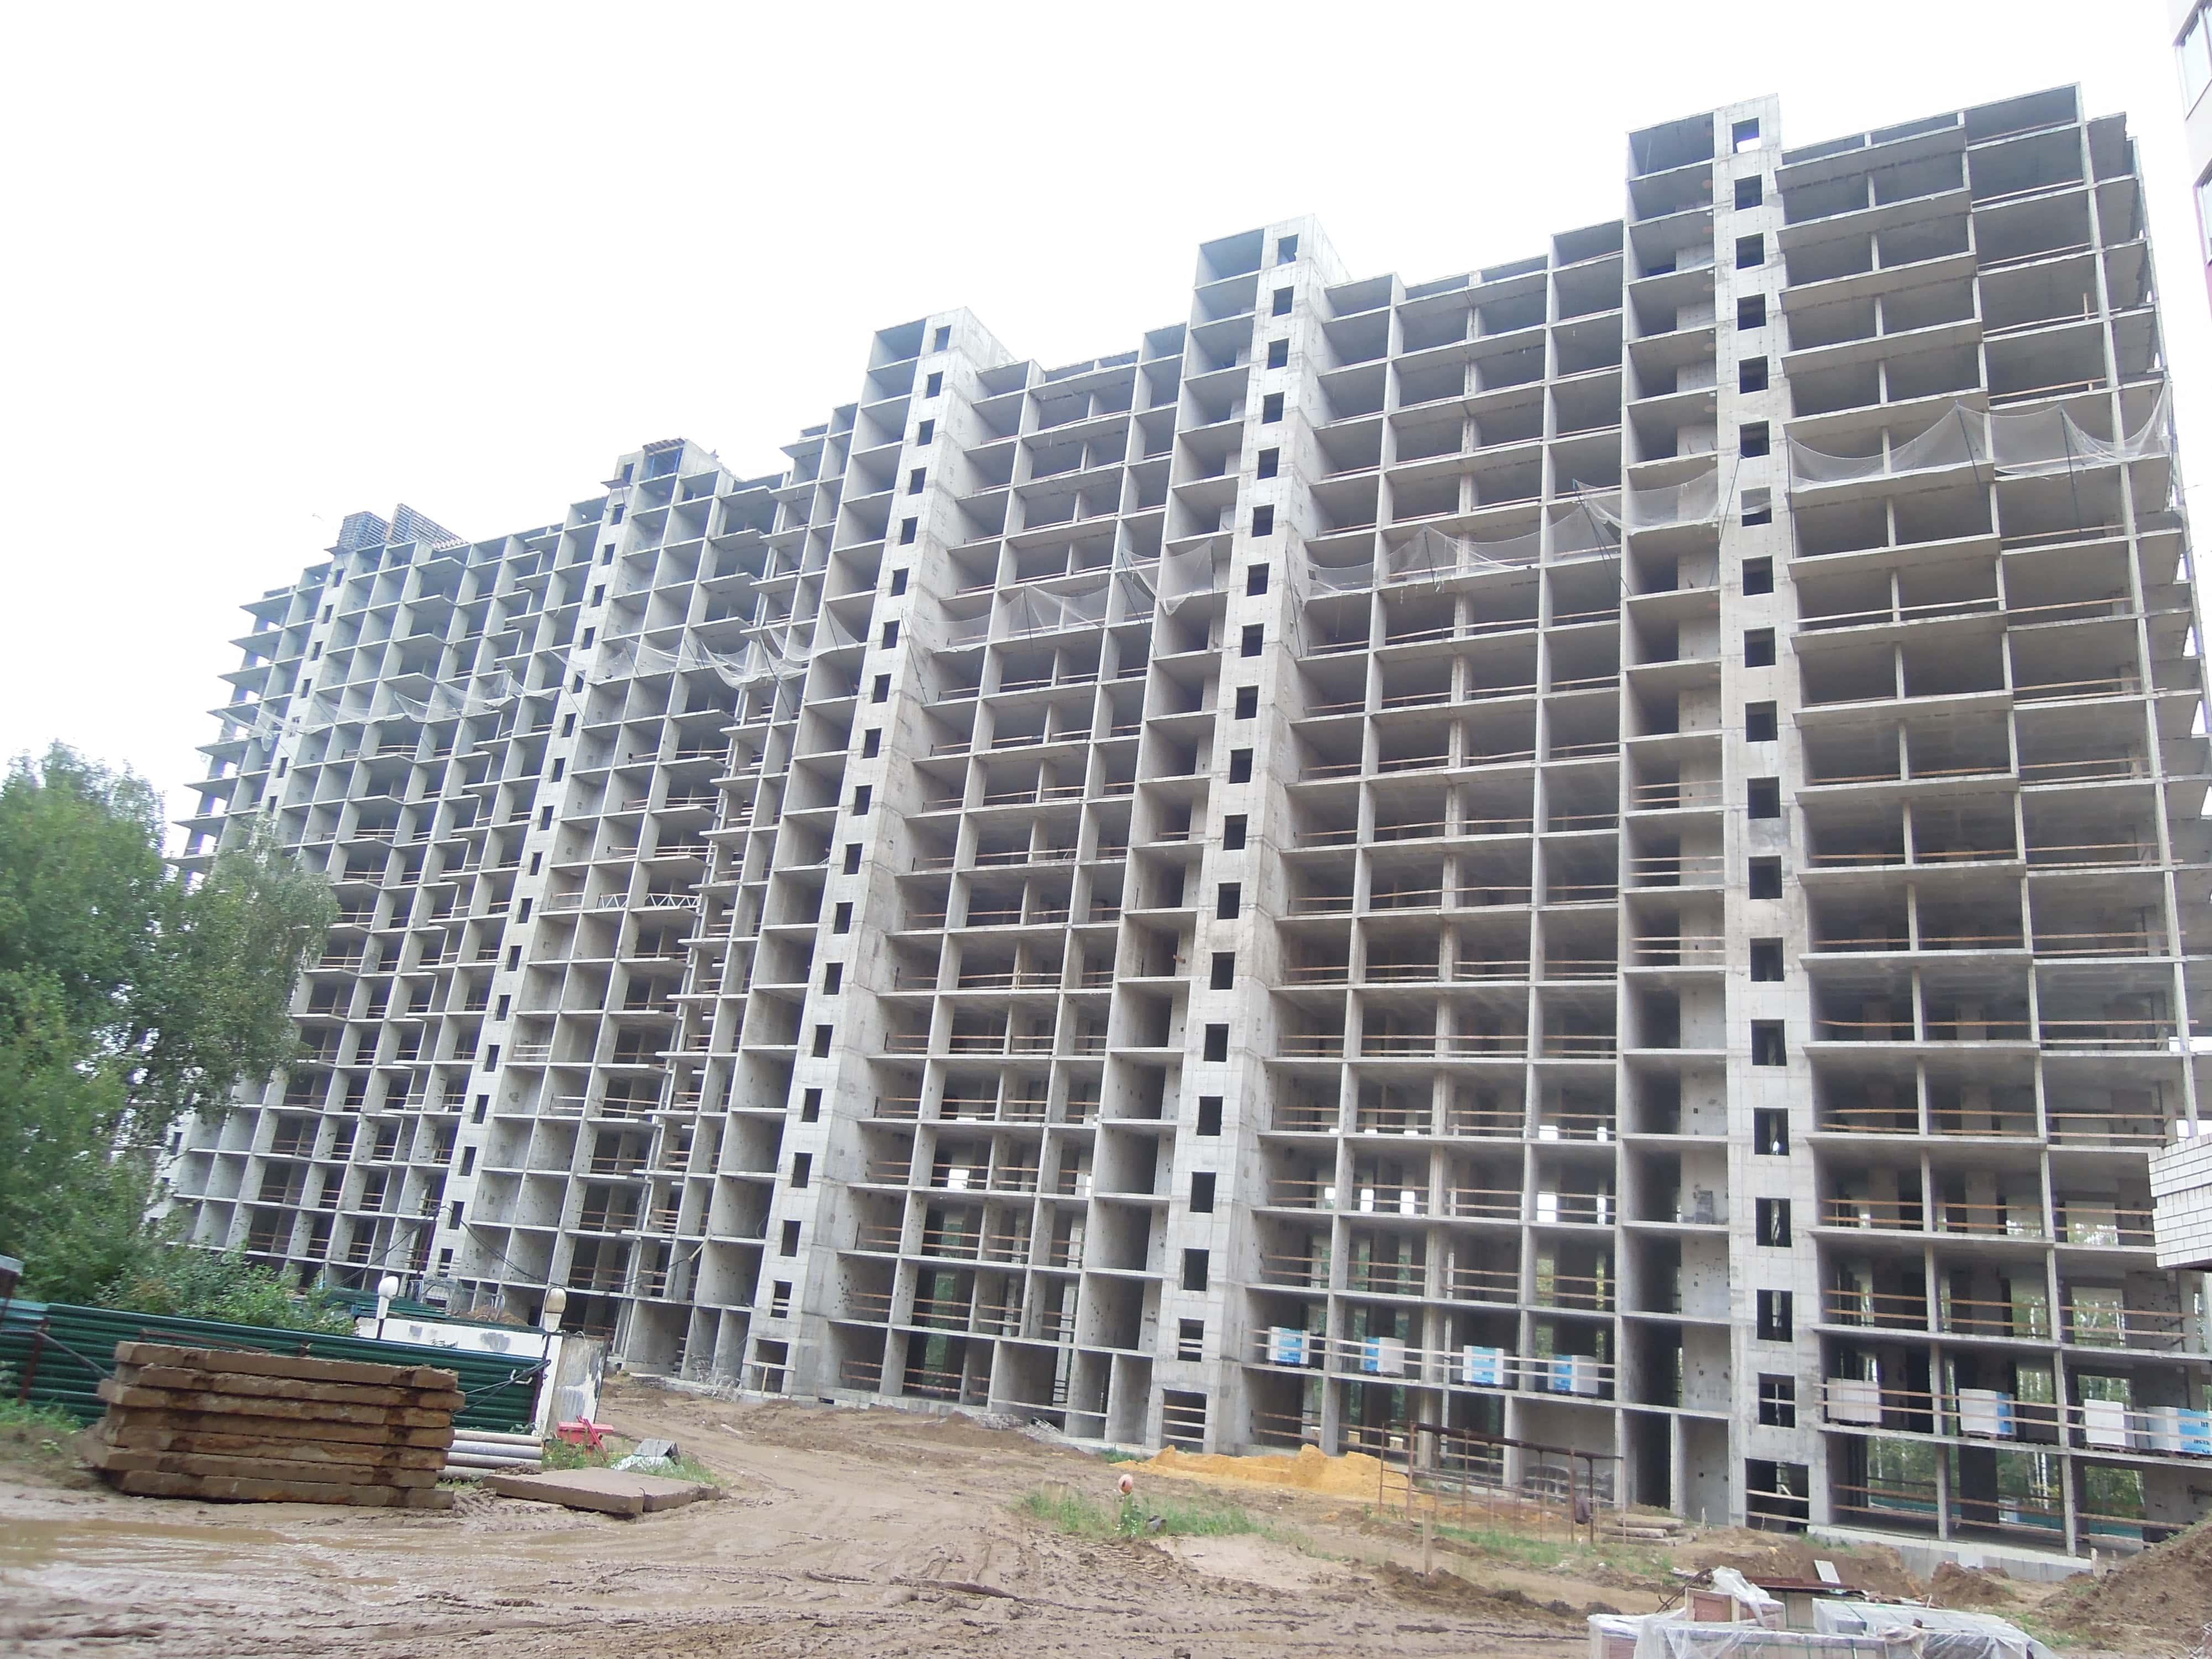 Решили купить двухкомнатную квартиру в Люберцах? Правильно оформите её в БТИ